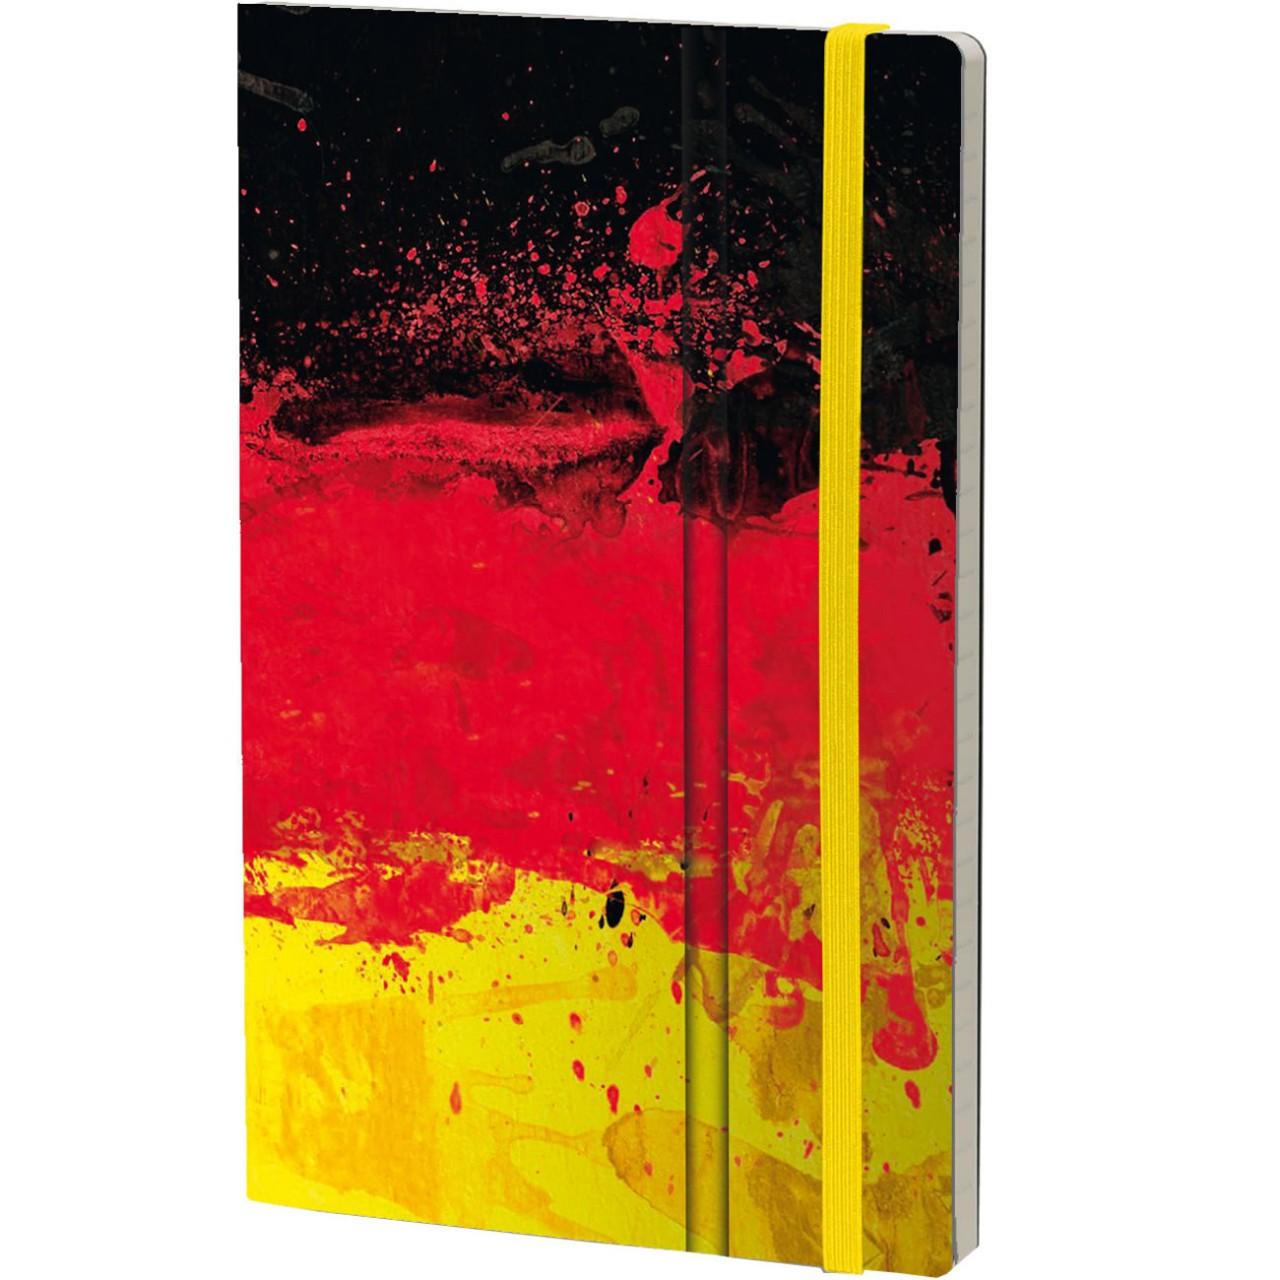 Stifflexible Notizbuch HISTORICAL NOTES 13 x 21 cm 192 S., EINIGKEIT UND RECHT UND FREIHEIT (Germany Flag)